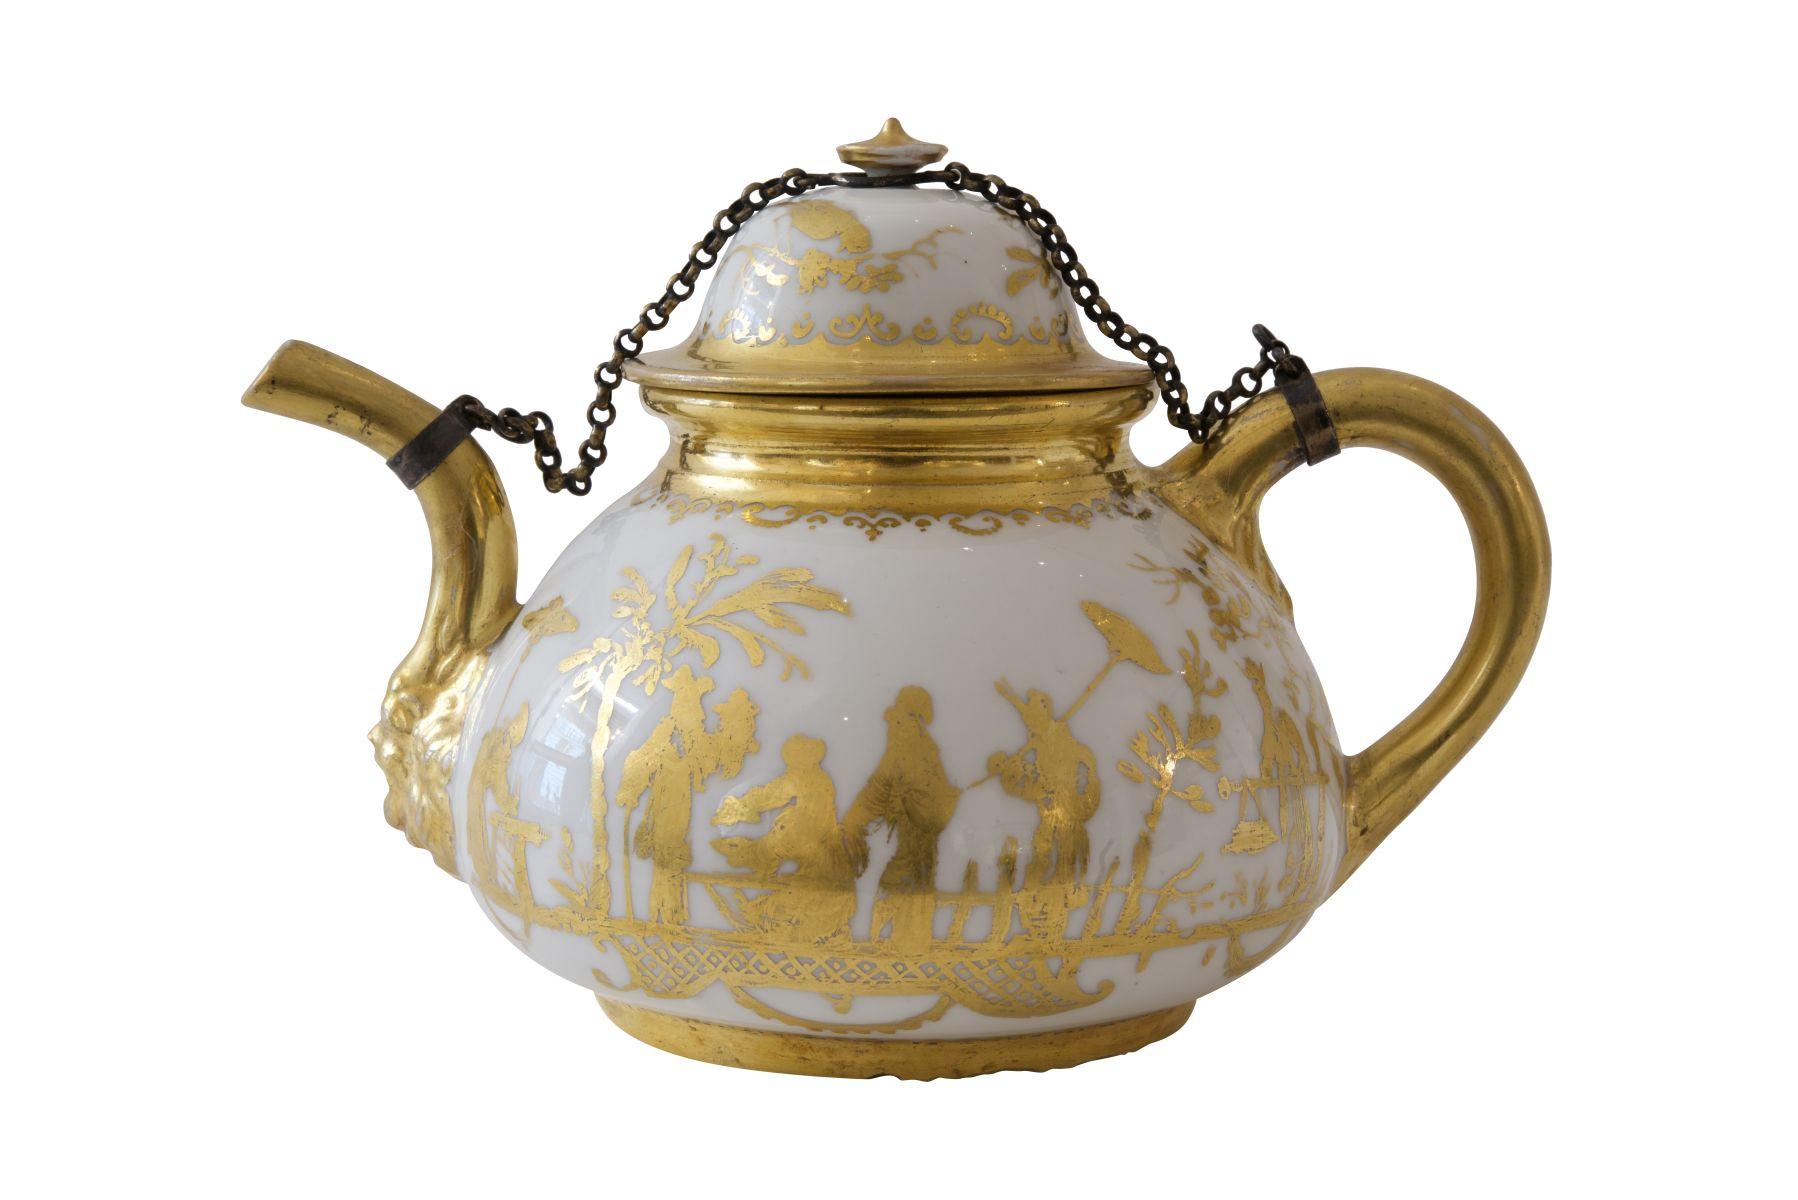 #197 Meissen teapot | Teekanne Meissen Image